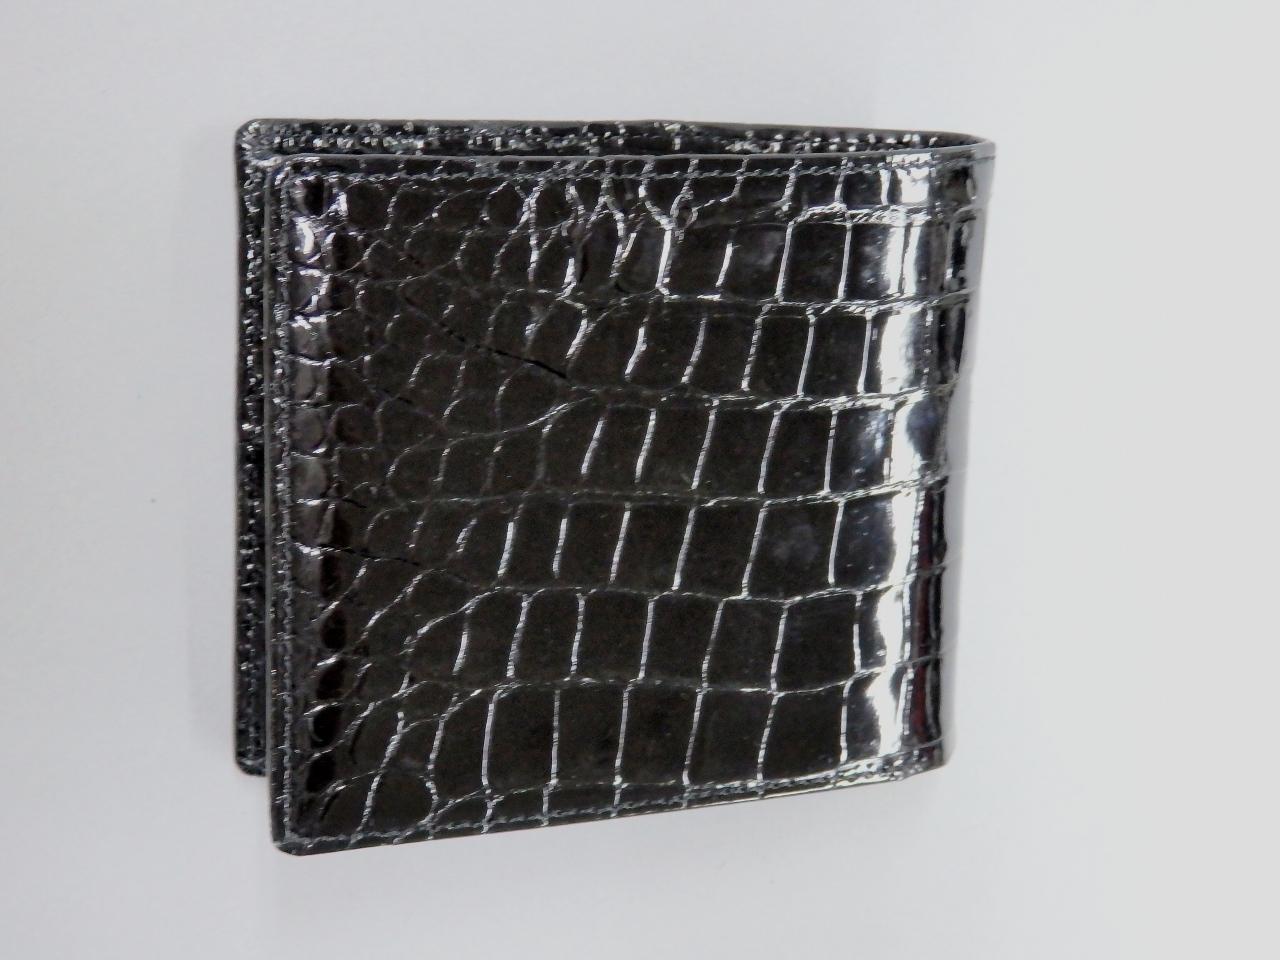 国産クロコダイル二つ折財布 ポリッシュブラック